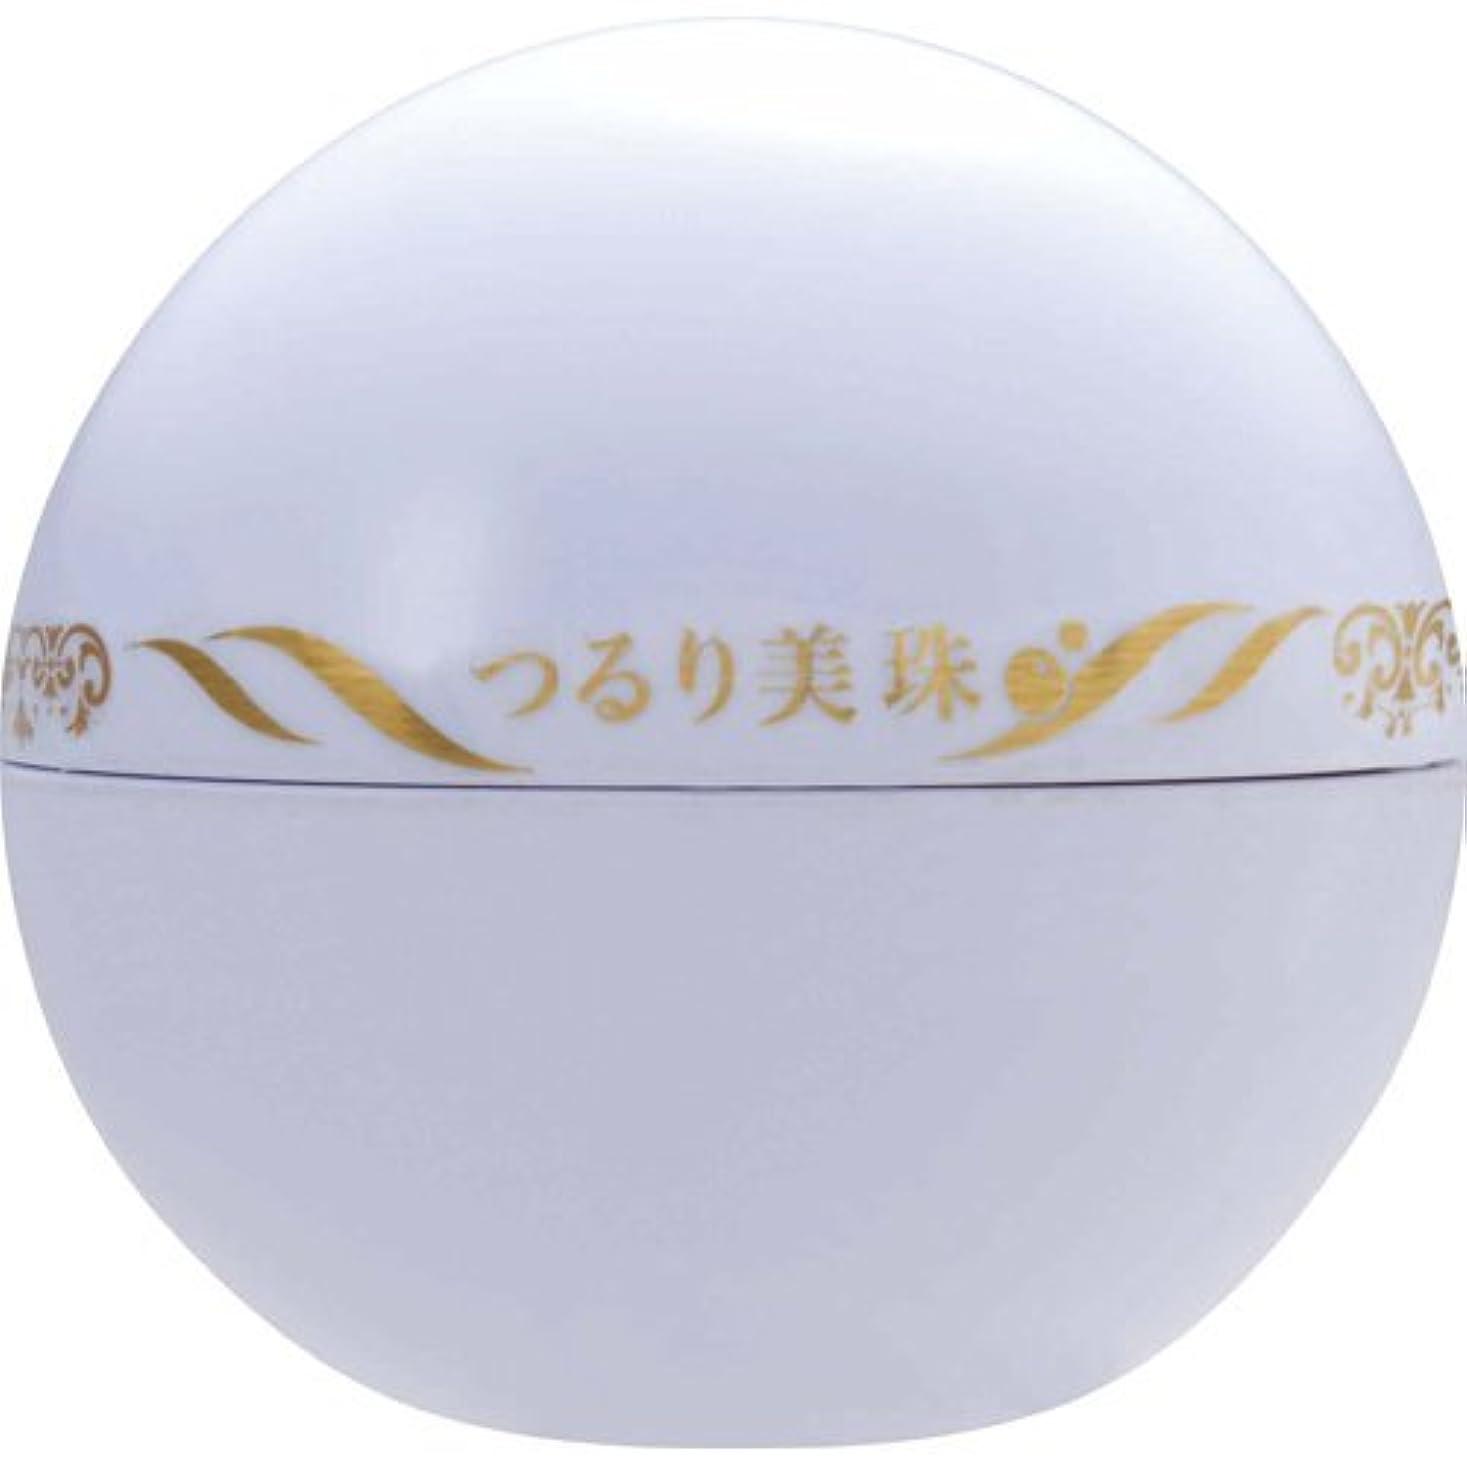 ビューナ つるり美珠(びしゅ)